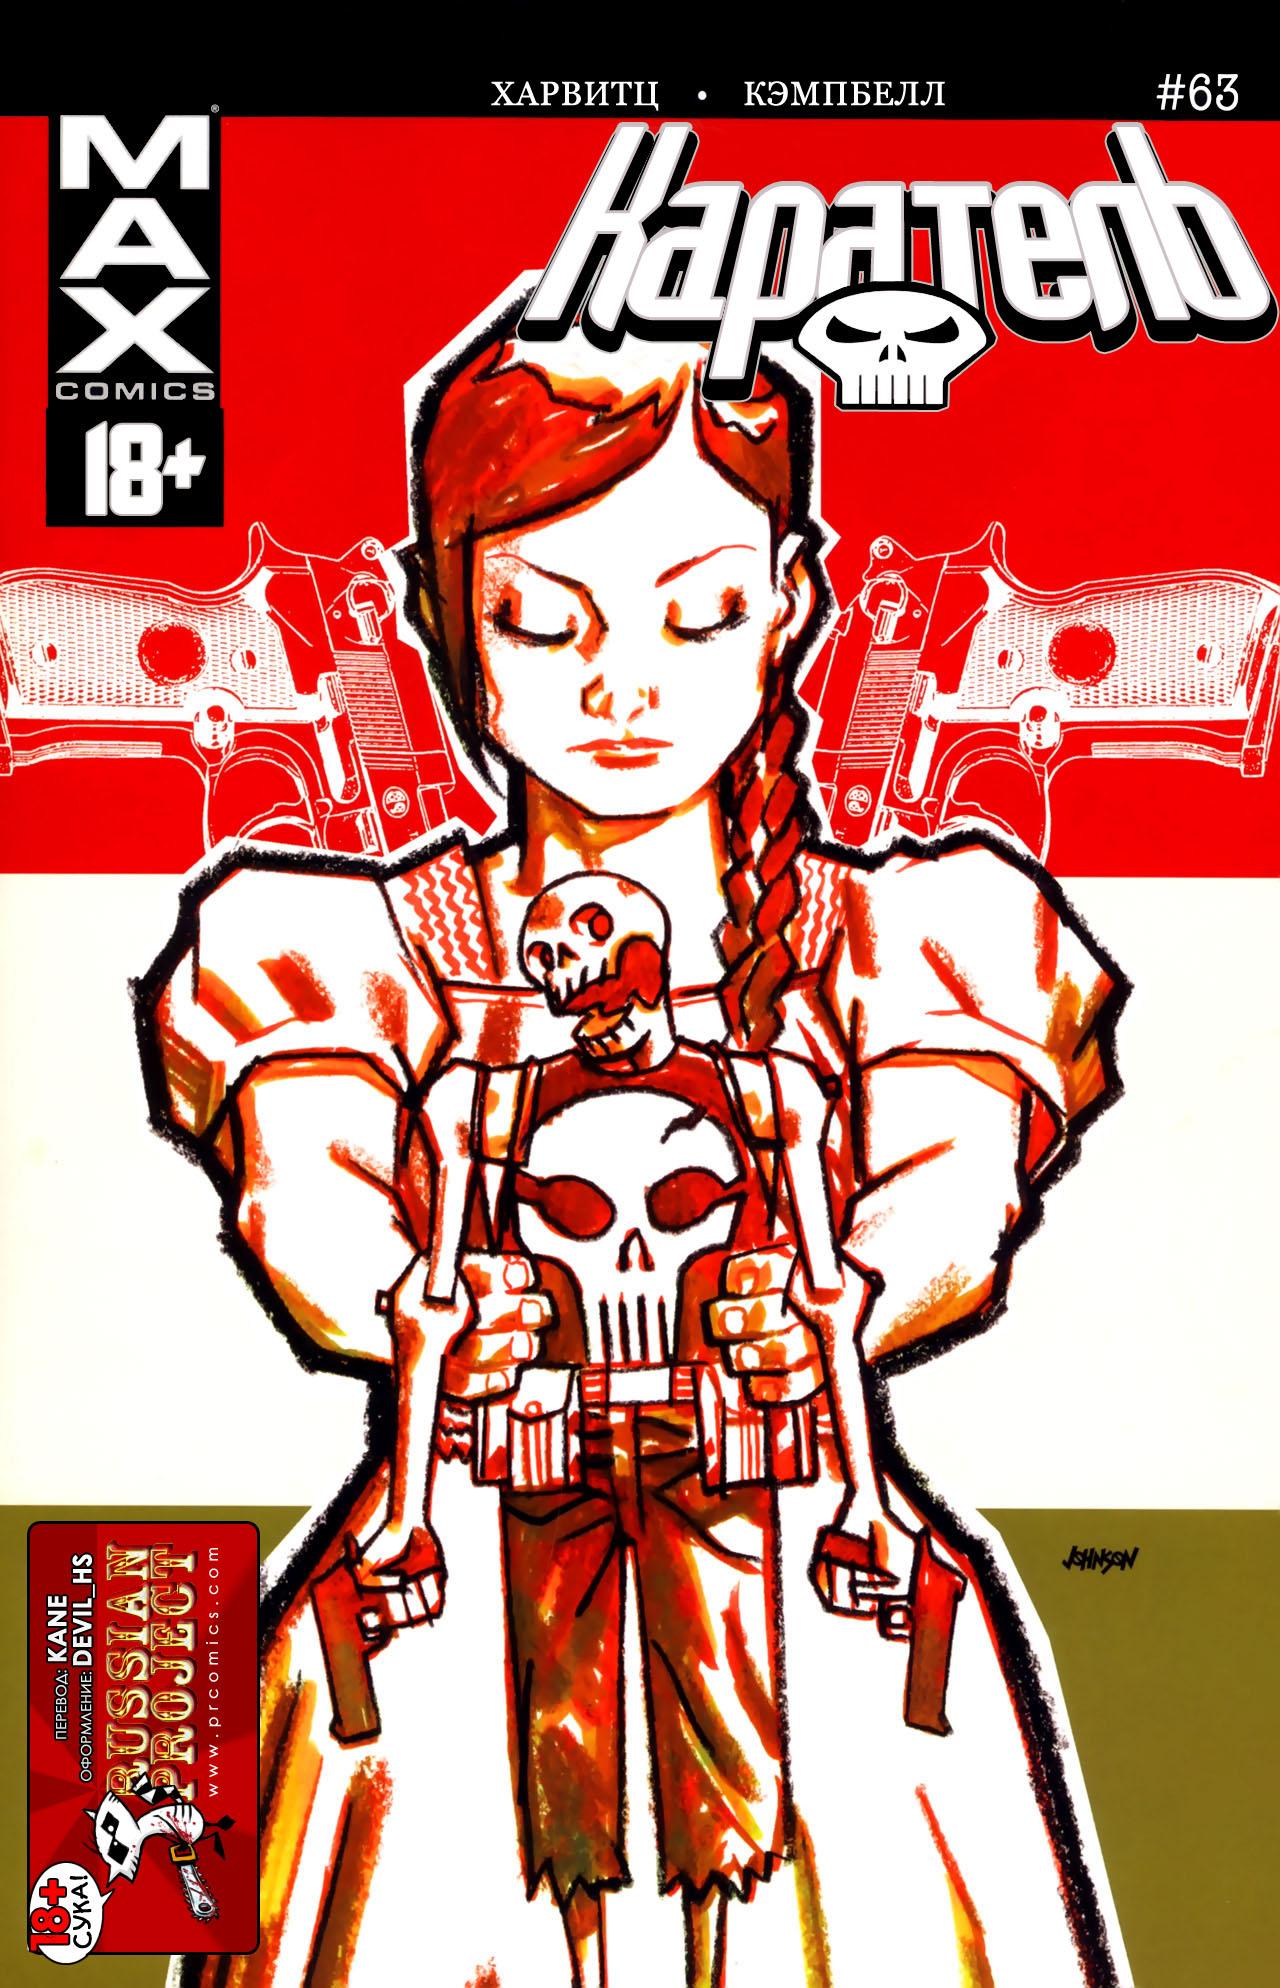 Комиксы Онлайн - Каратель том 6 - # 63 Девушки в белых платьях - часть третья - Страница №1 - Punisher vol 6 - Punisher v 6 # 63